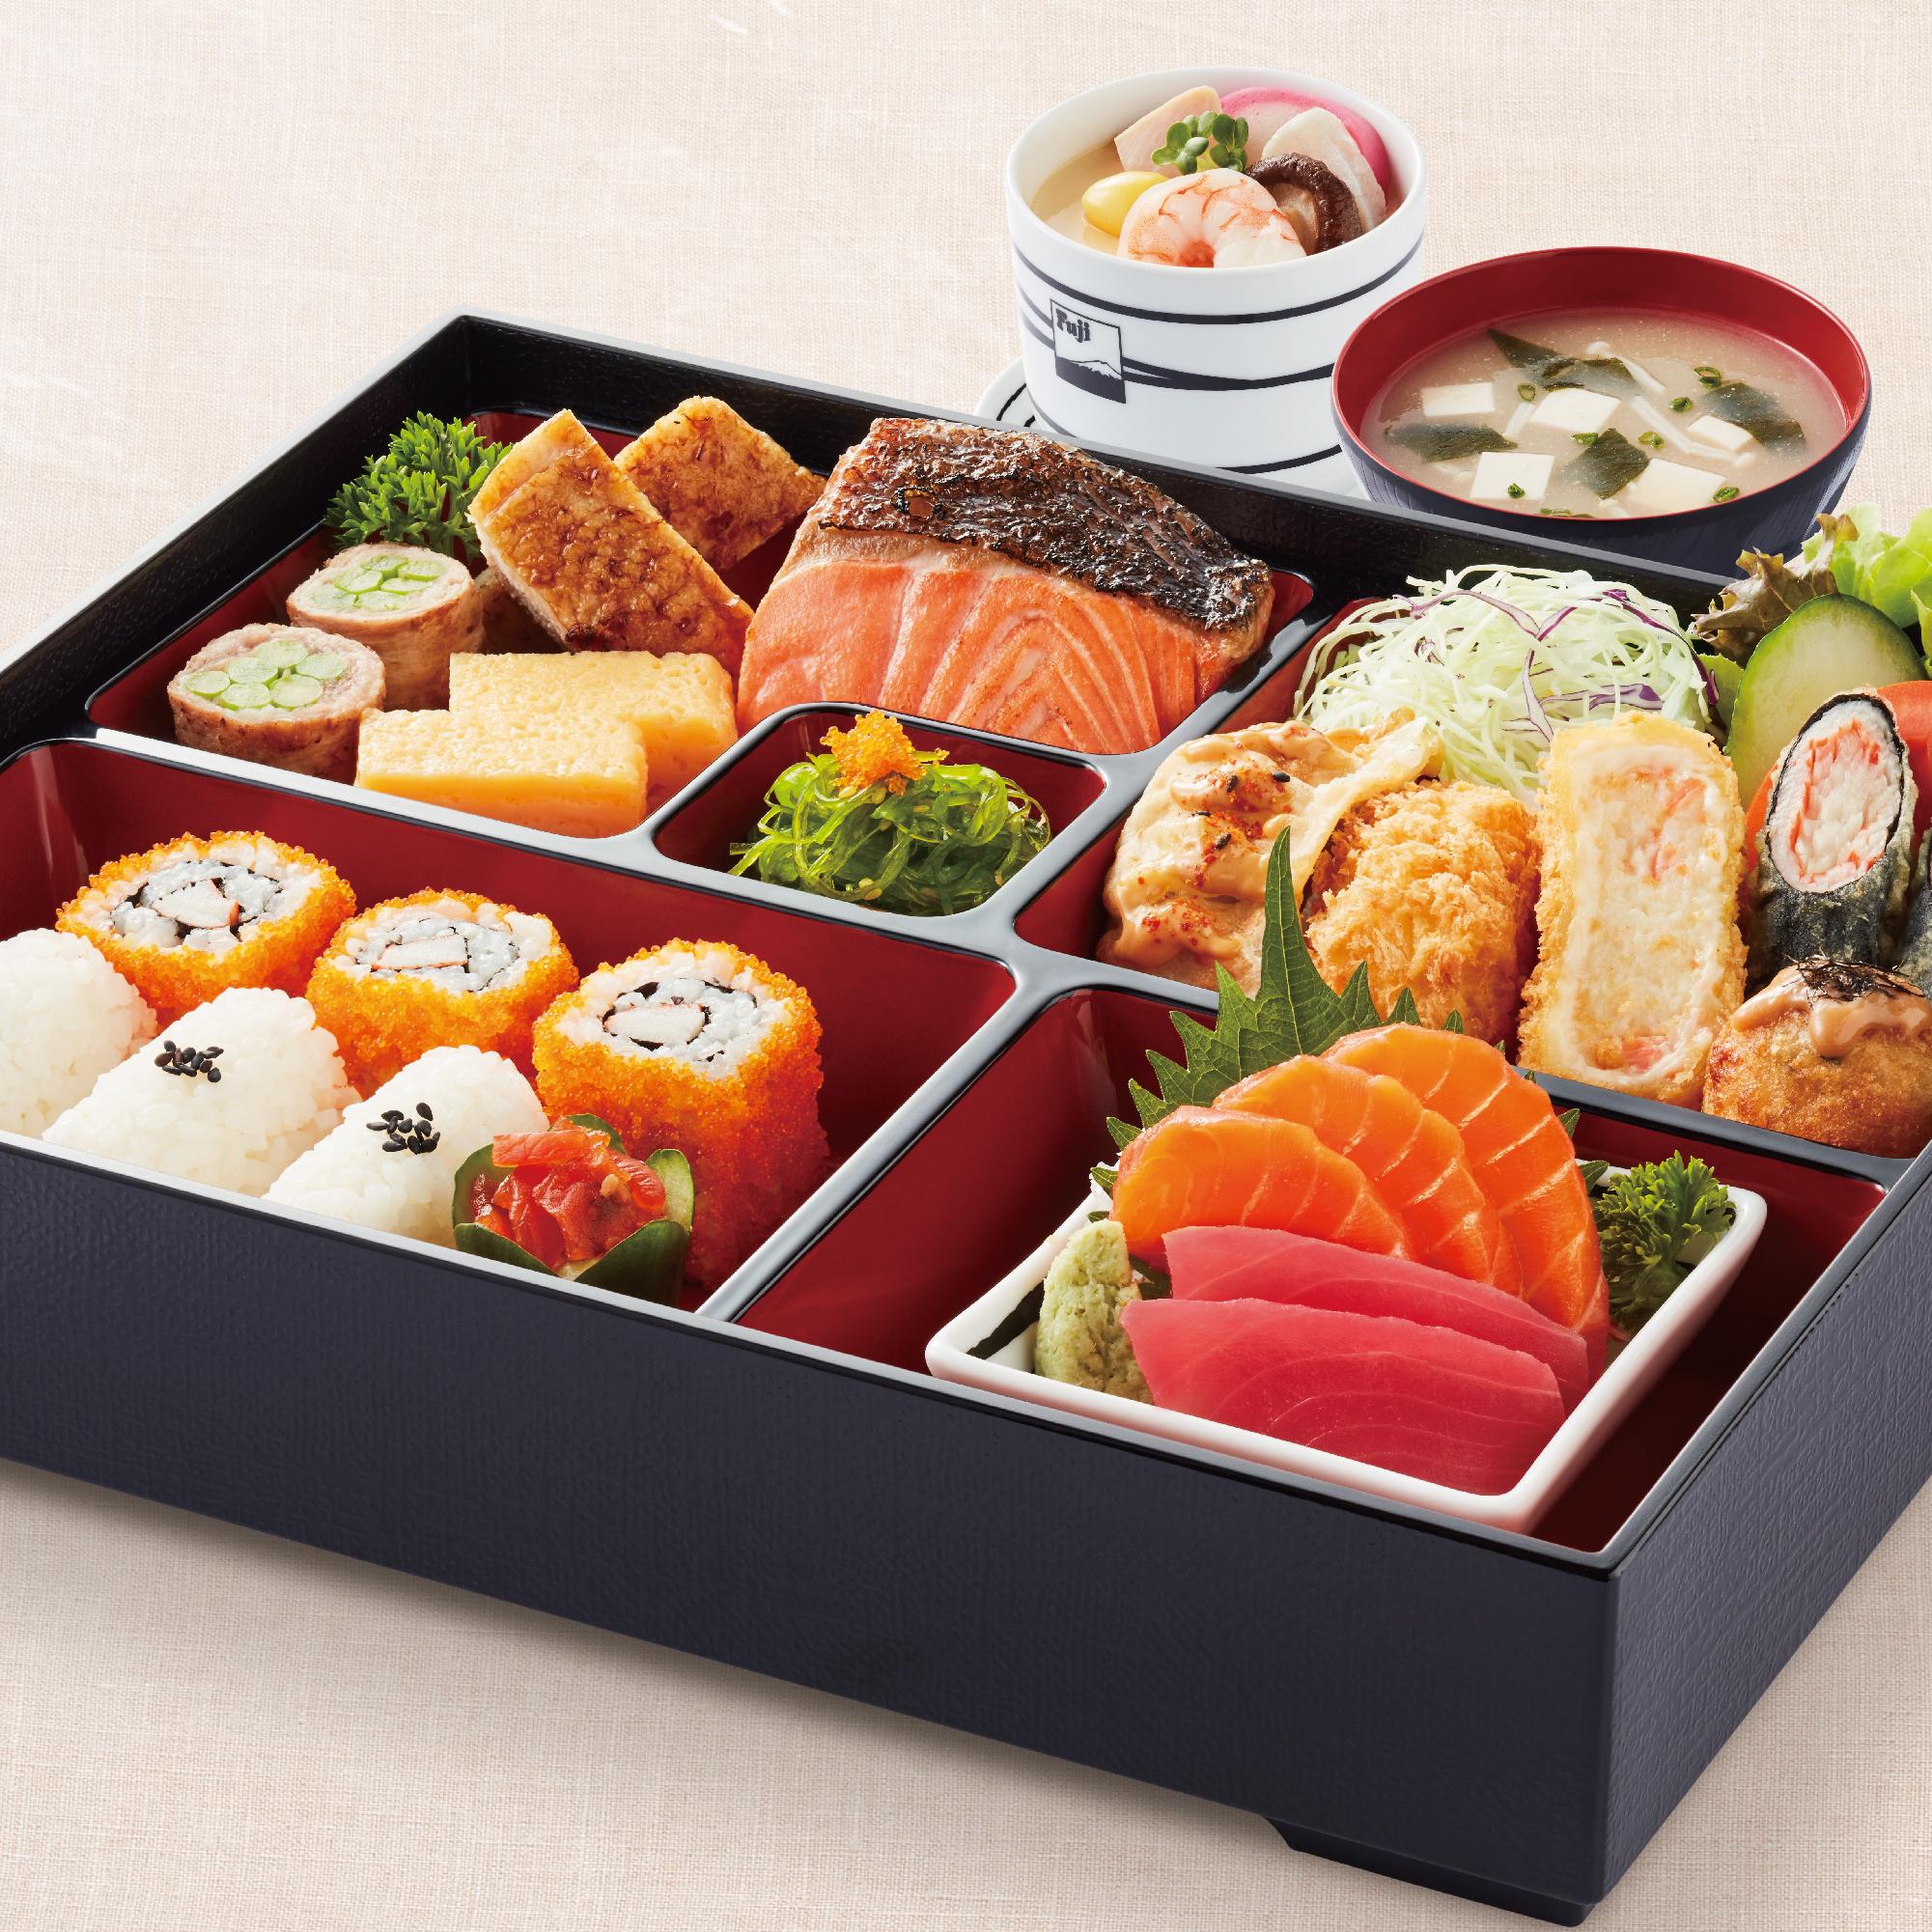 Fuji Bento Sashimi Set with Chawan Mushi